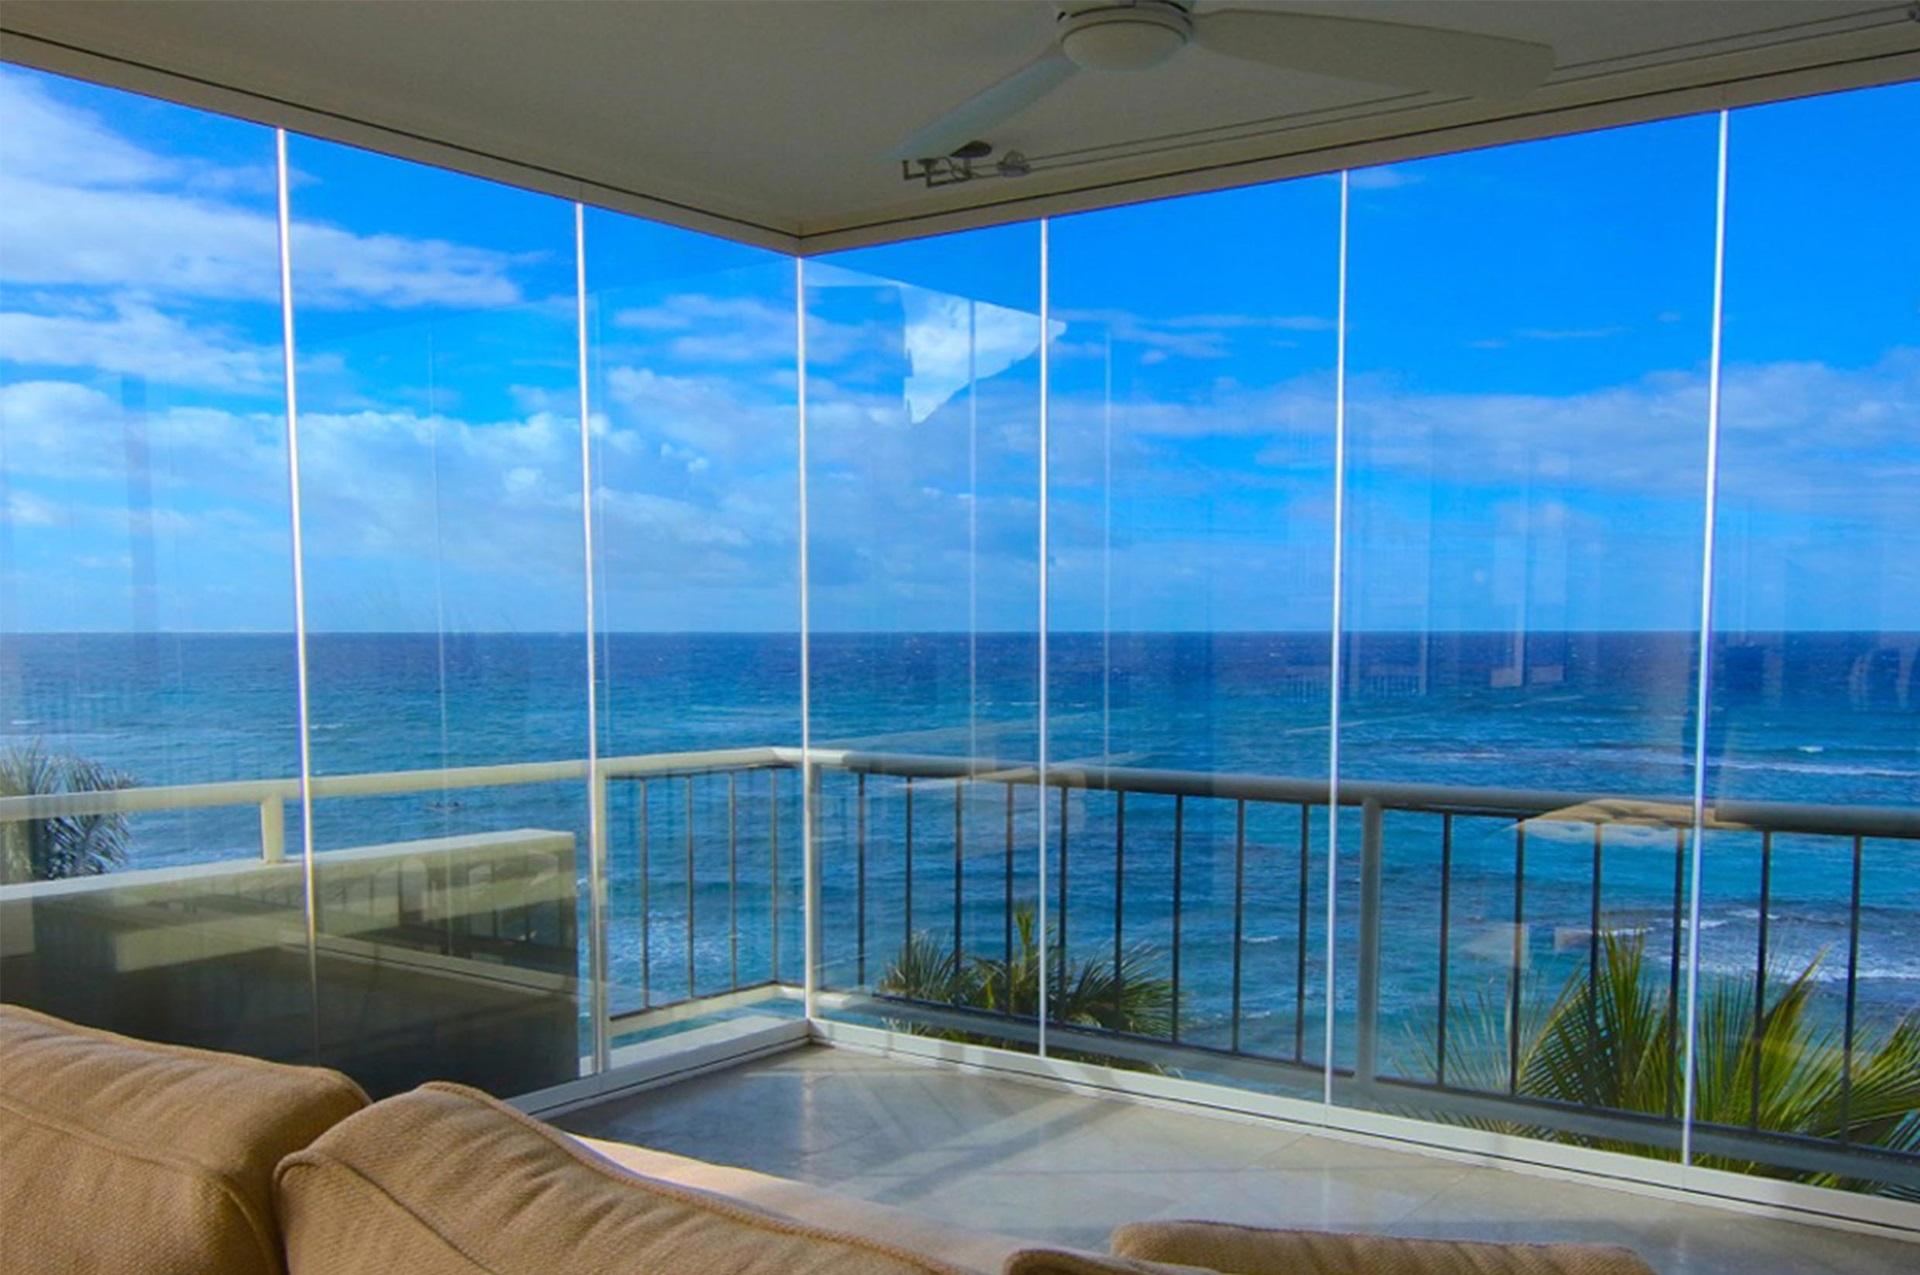 cam-balkon-1-jpg.75196,Cam balkon avantajları nelerdir?